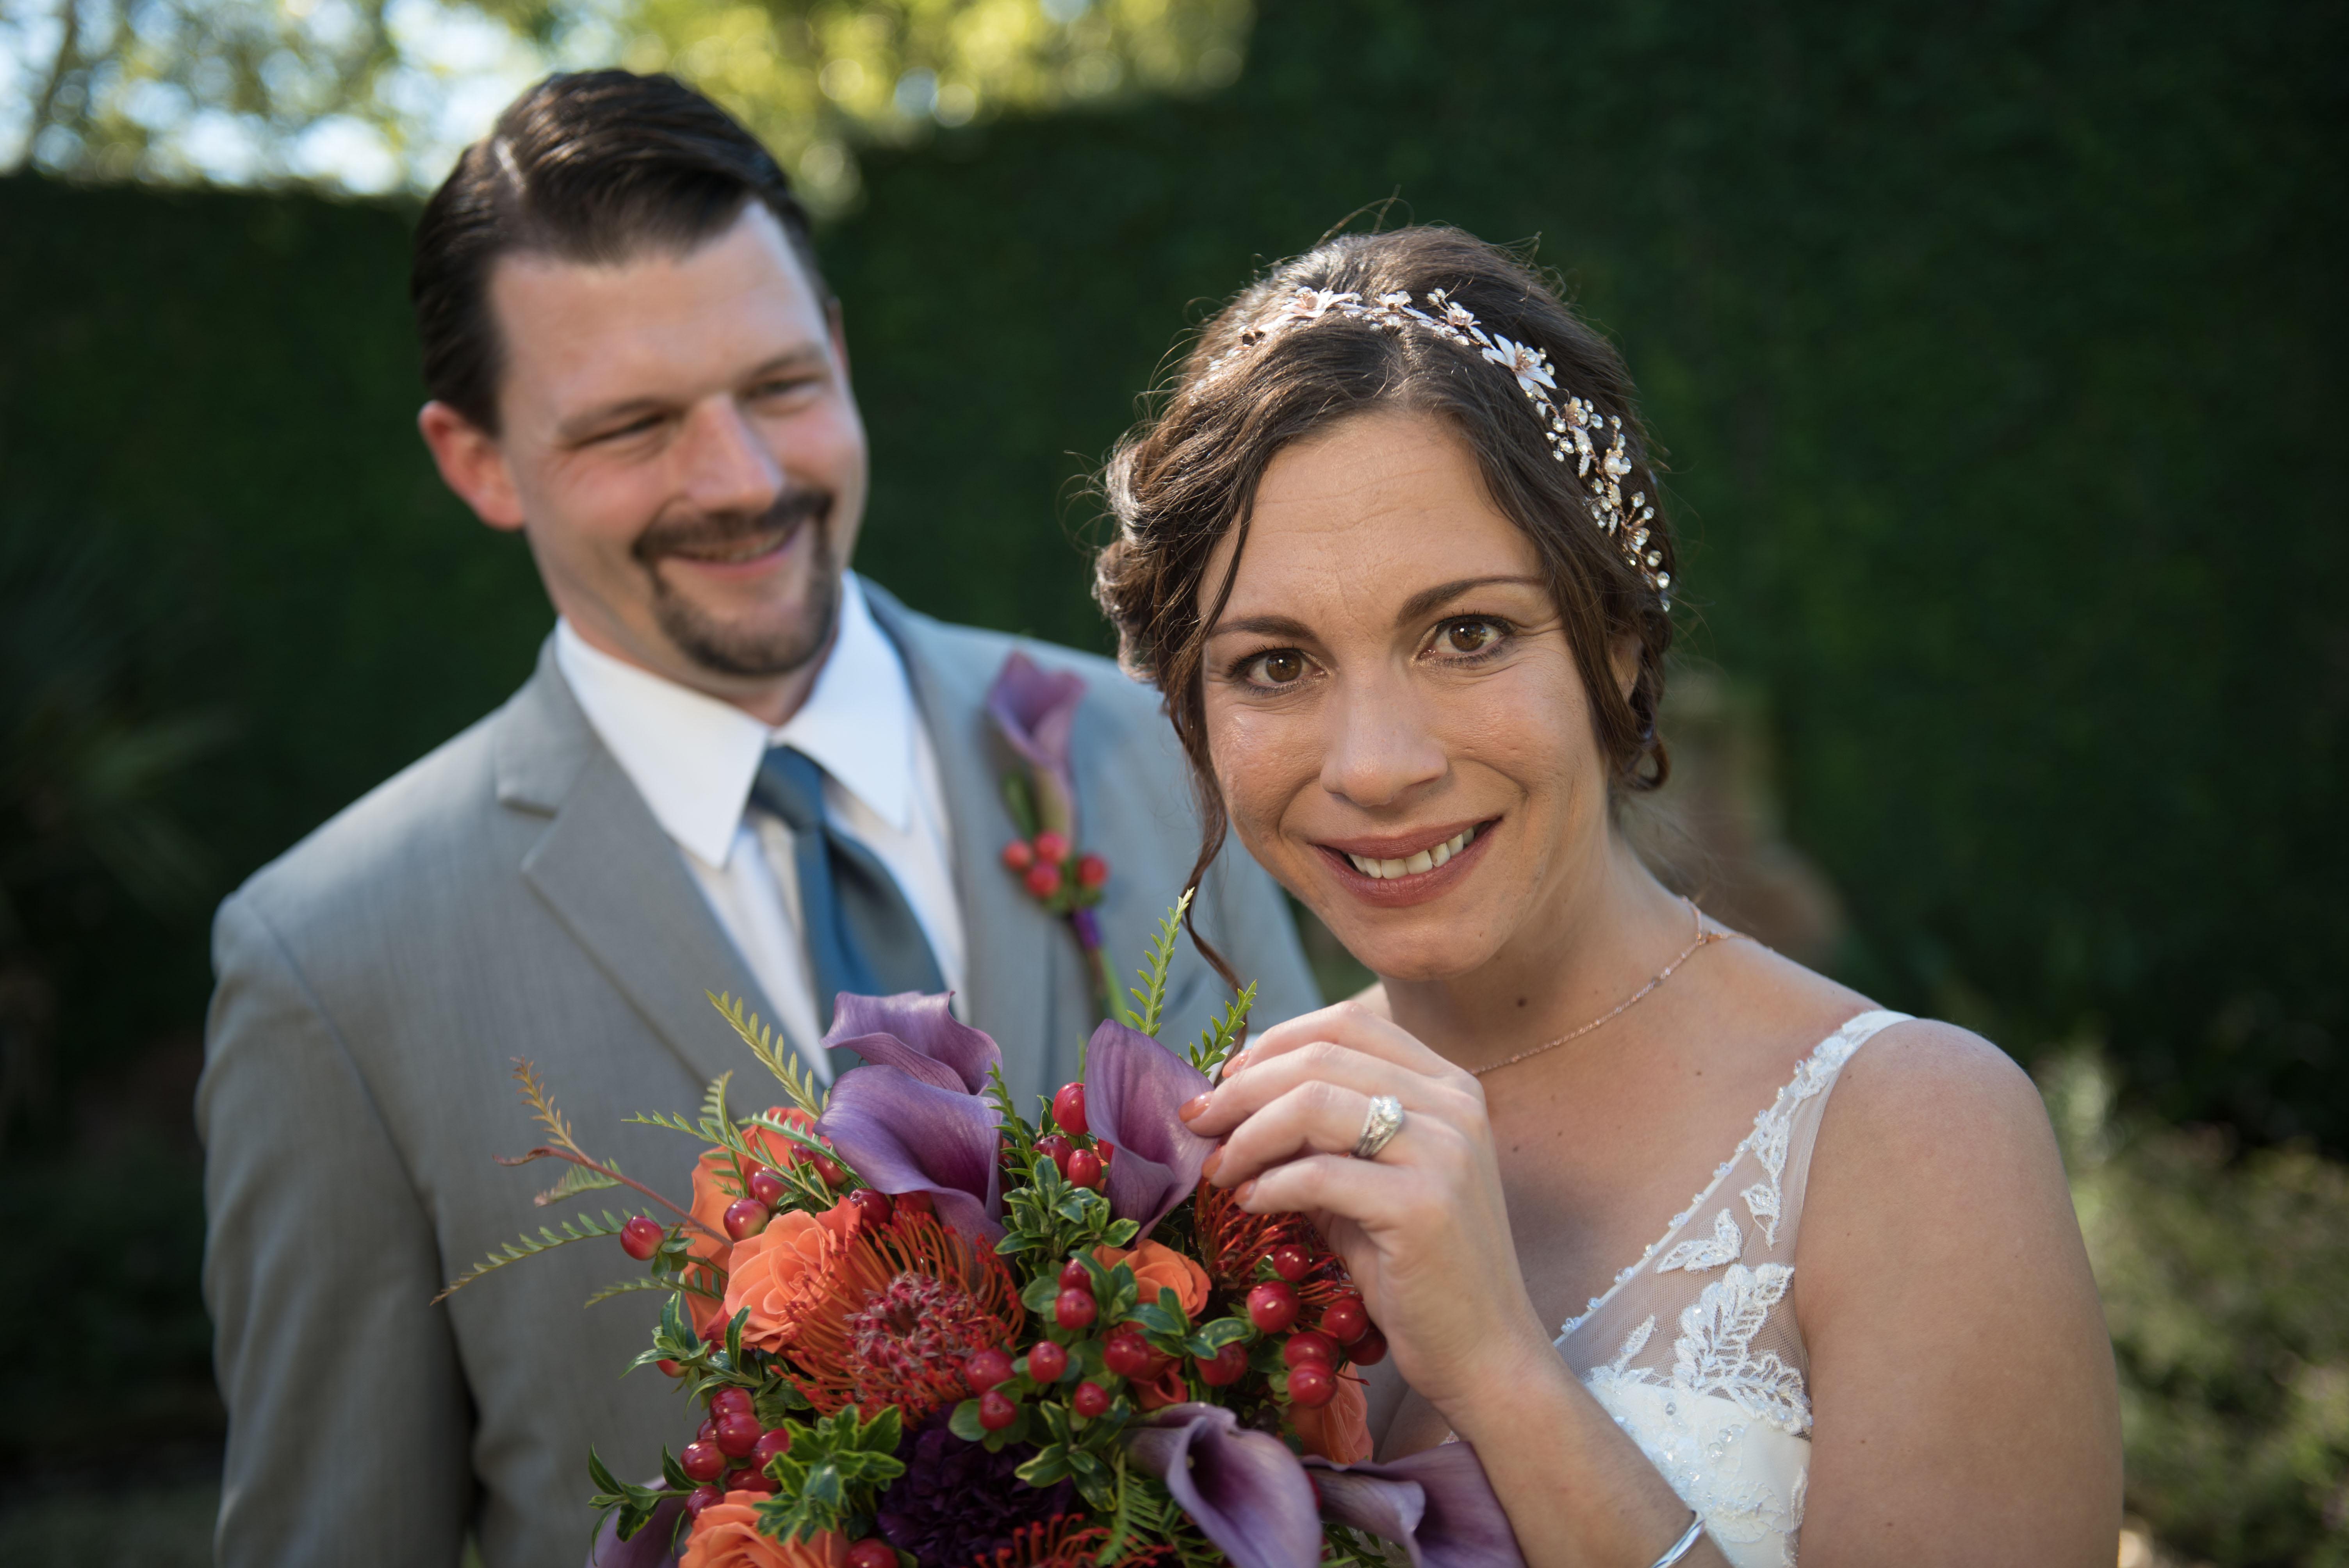 garden wedding bride groom portrait